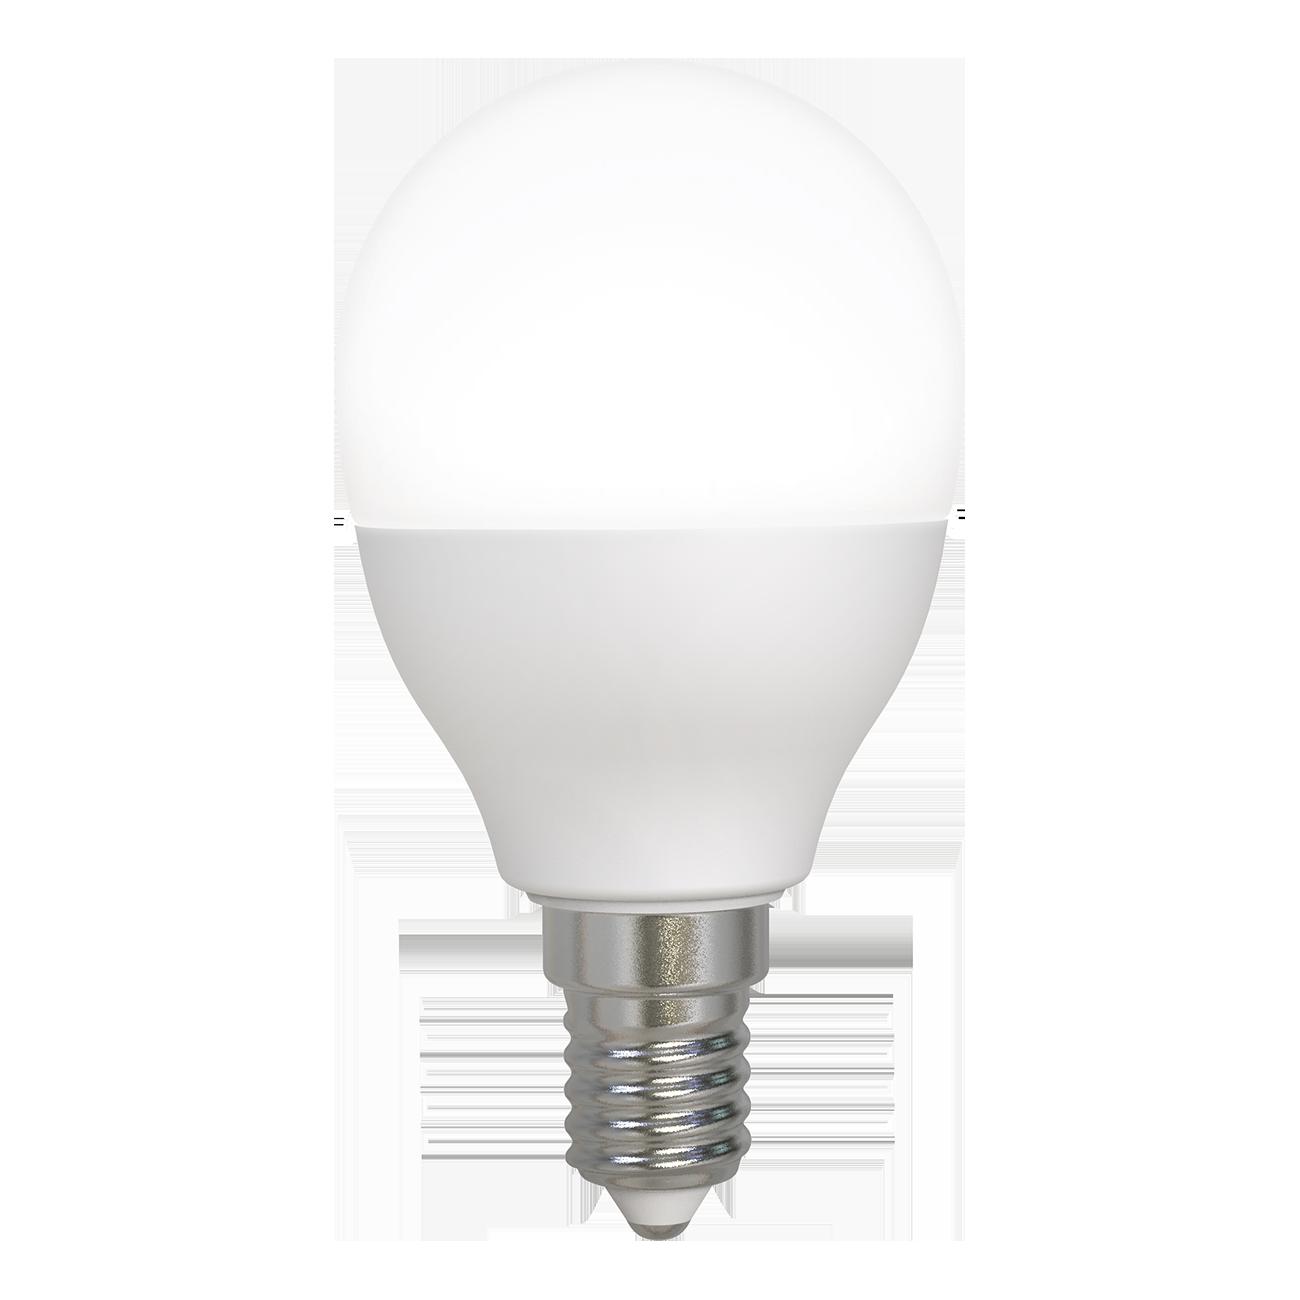 Deltaco Smart Home LED-lampa, E14, 5W